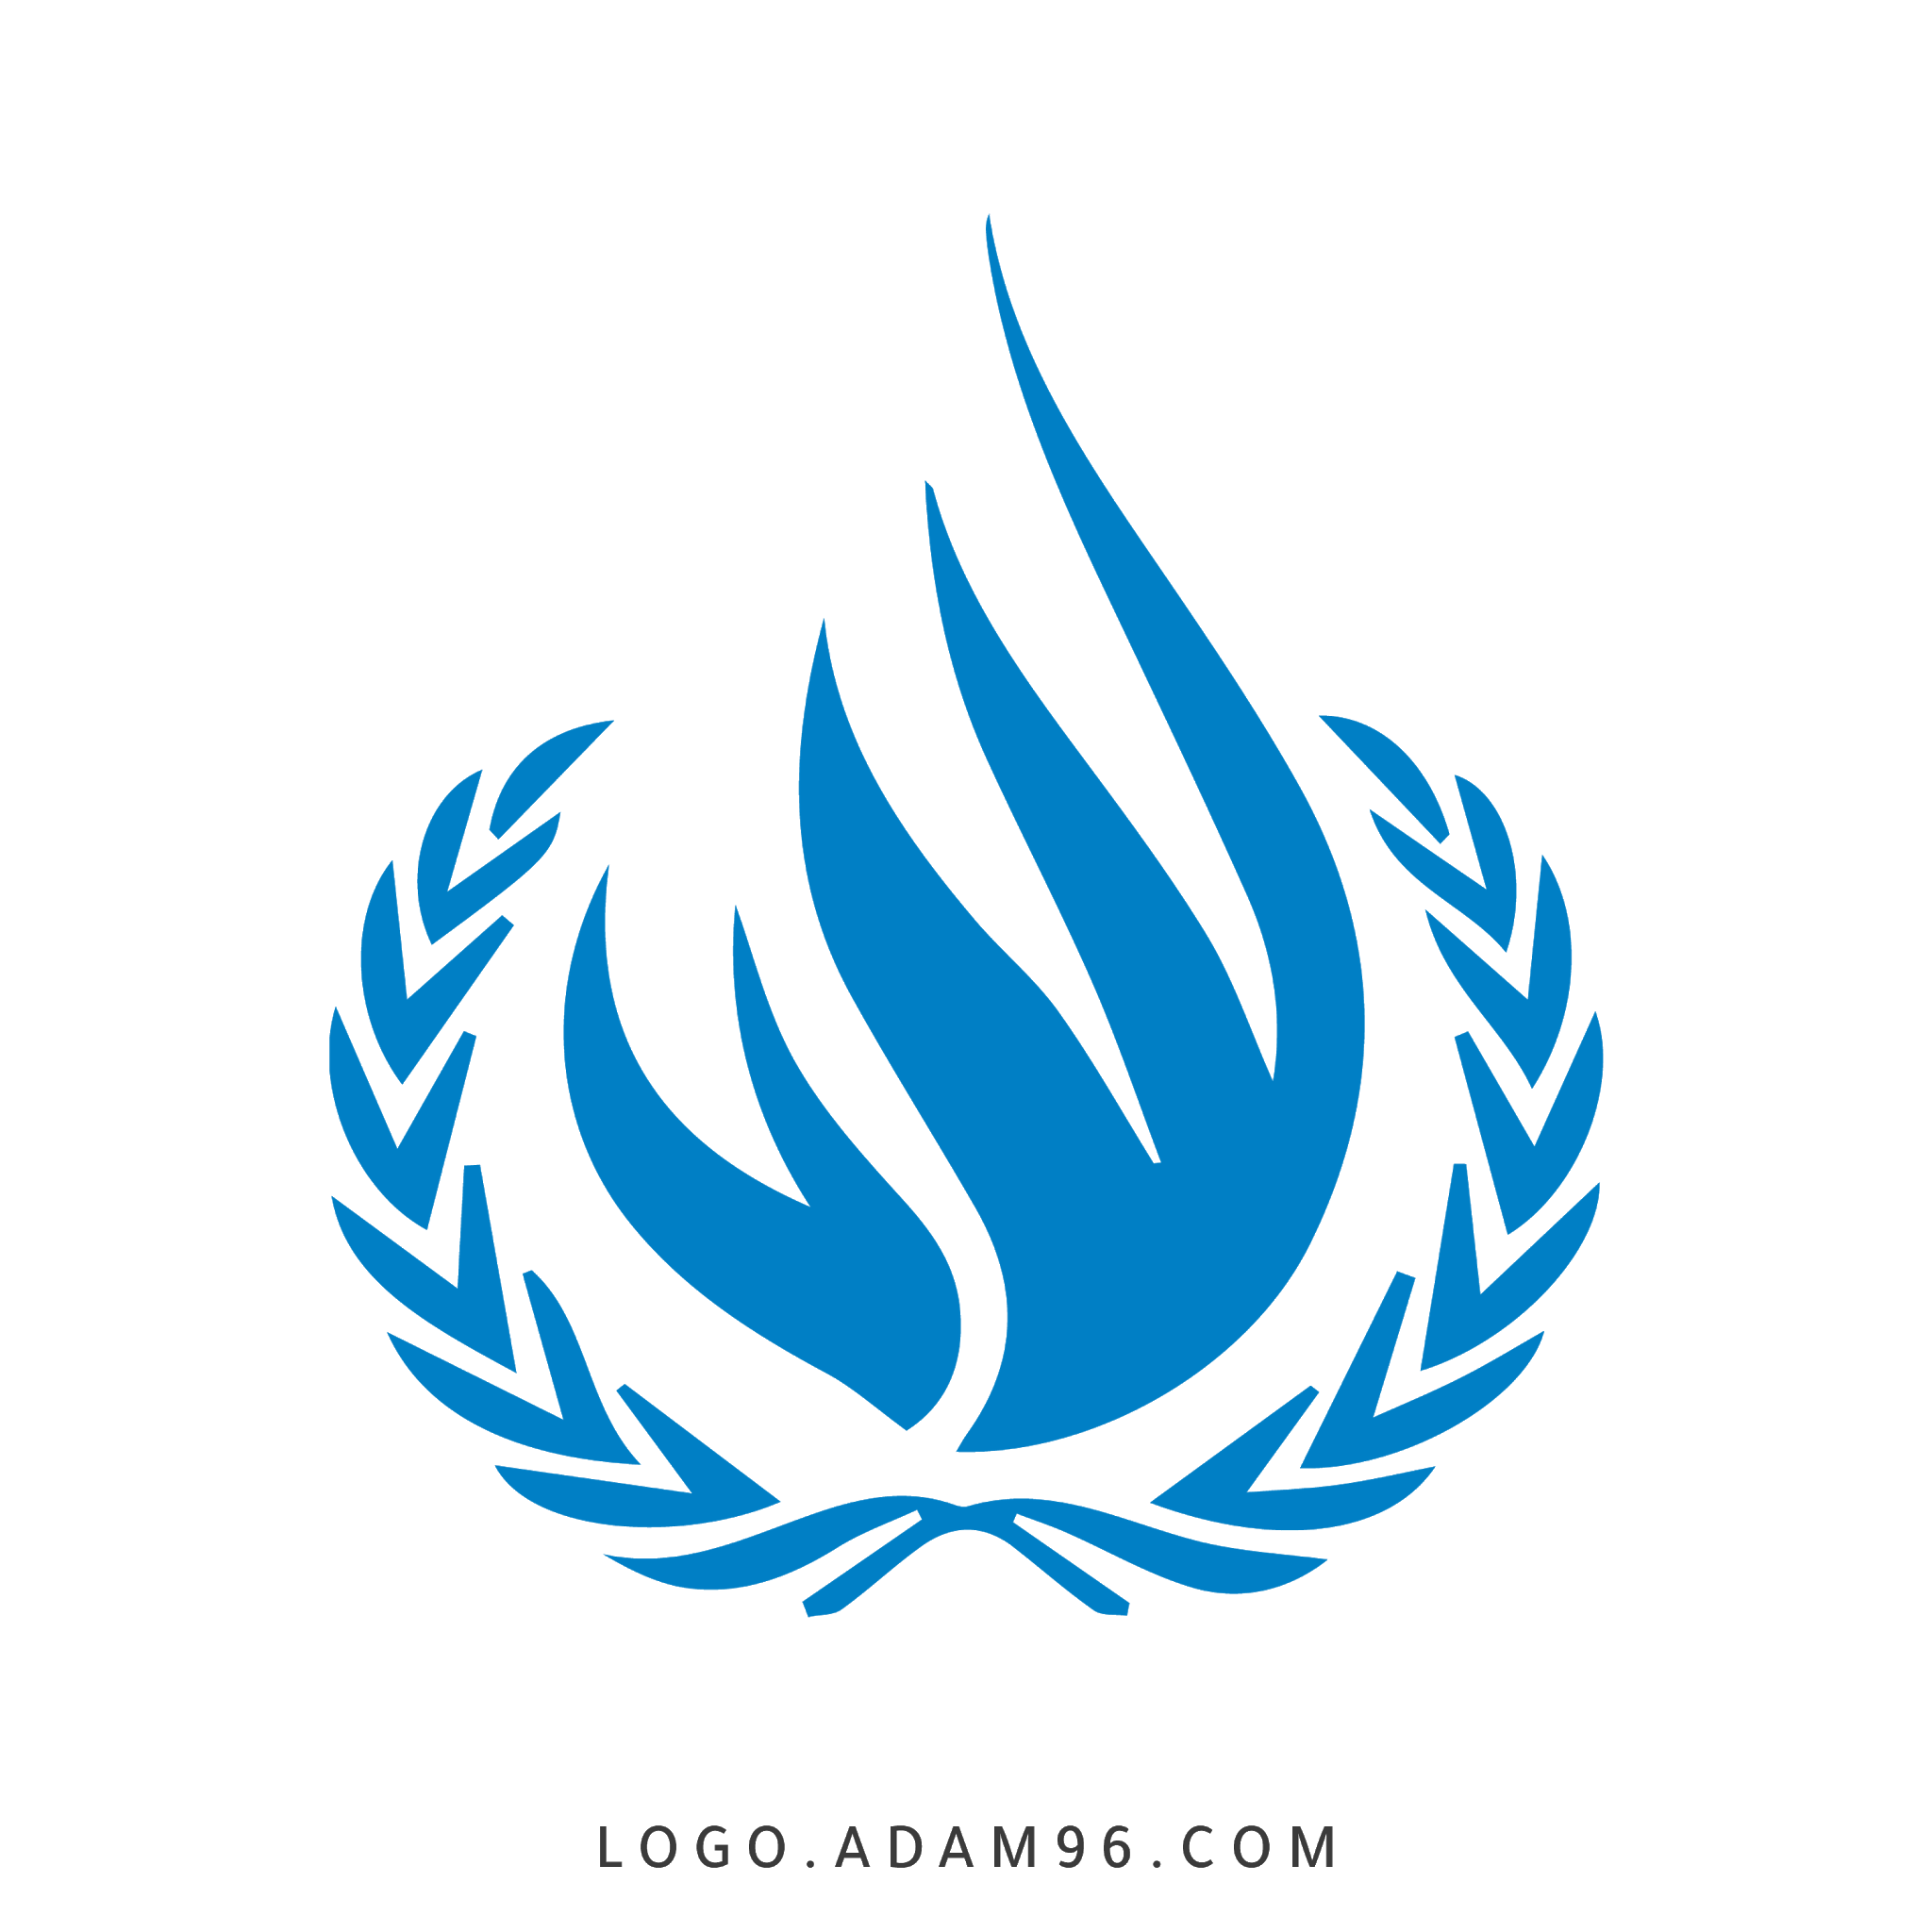 تحميل شعار منظمة حقوق الانسان الرسمي بدقة عالية بدون خلفية PNG